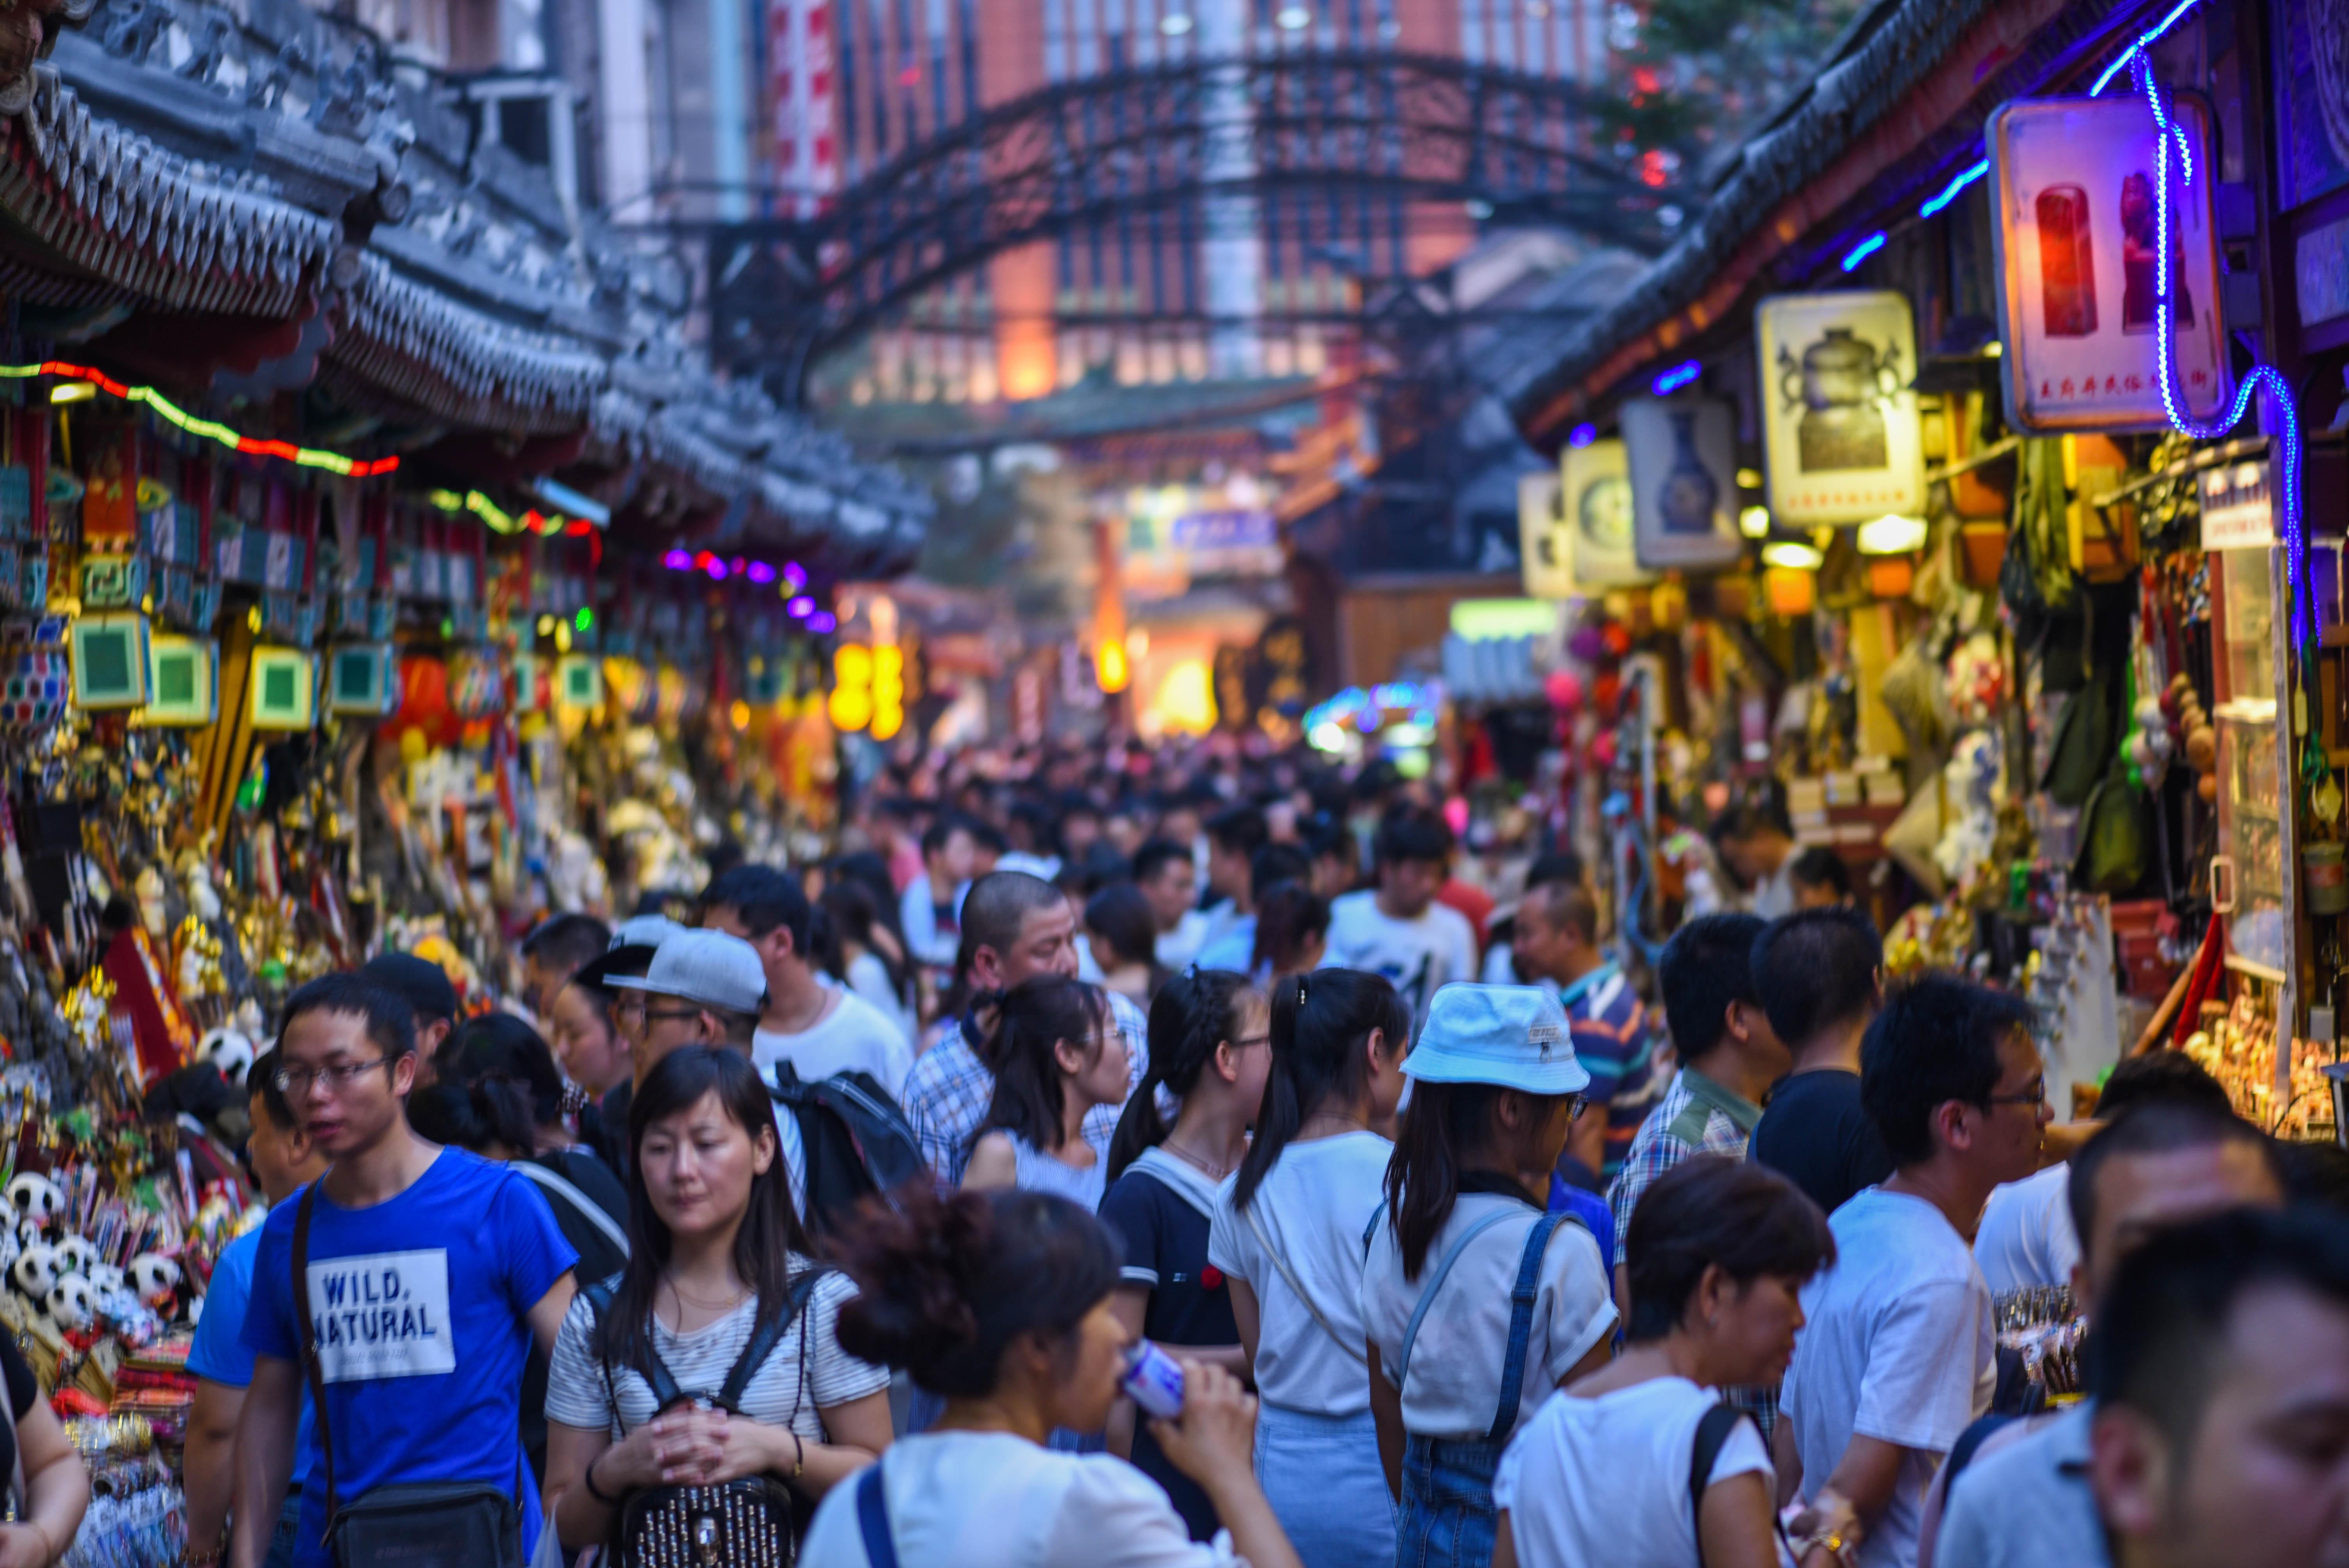 Foule au marché de Wangfujing @neweyes